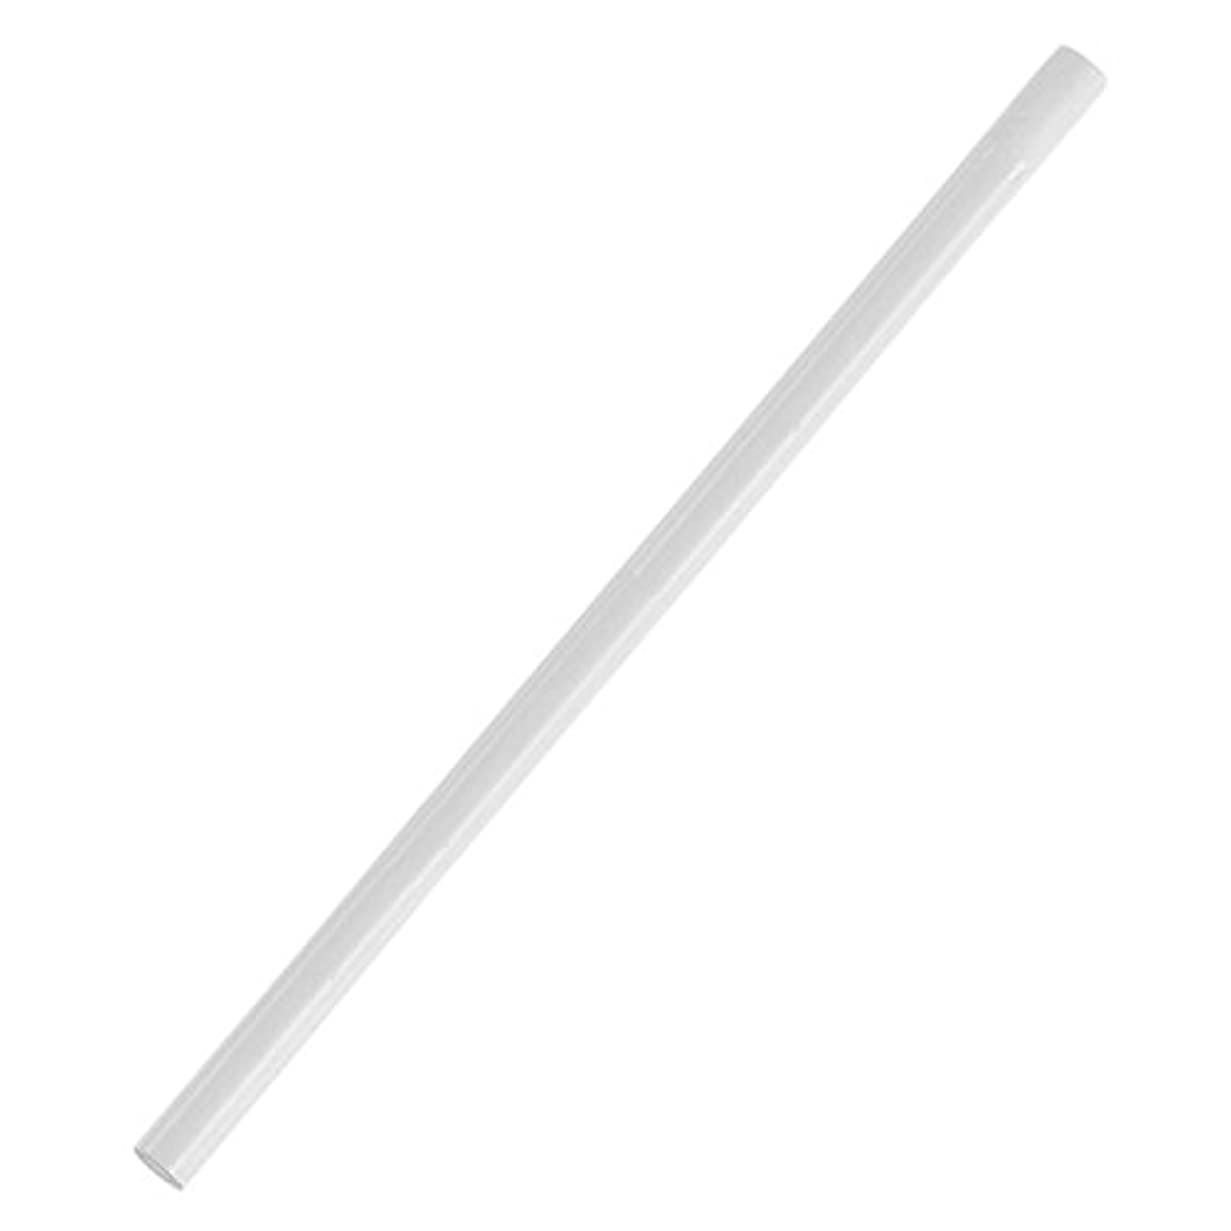 彫刻家消化器平衡CUHAWUDBA 10x白いドット打ち鉛筆 ネイルアートラインストーン宝石3Dデザインのため 画家デコレーション ピッキングツール